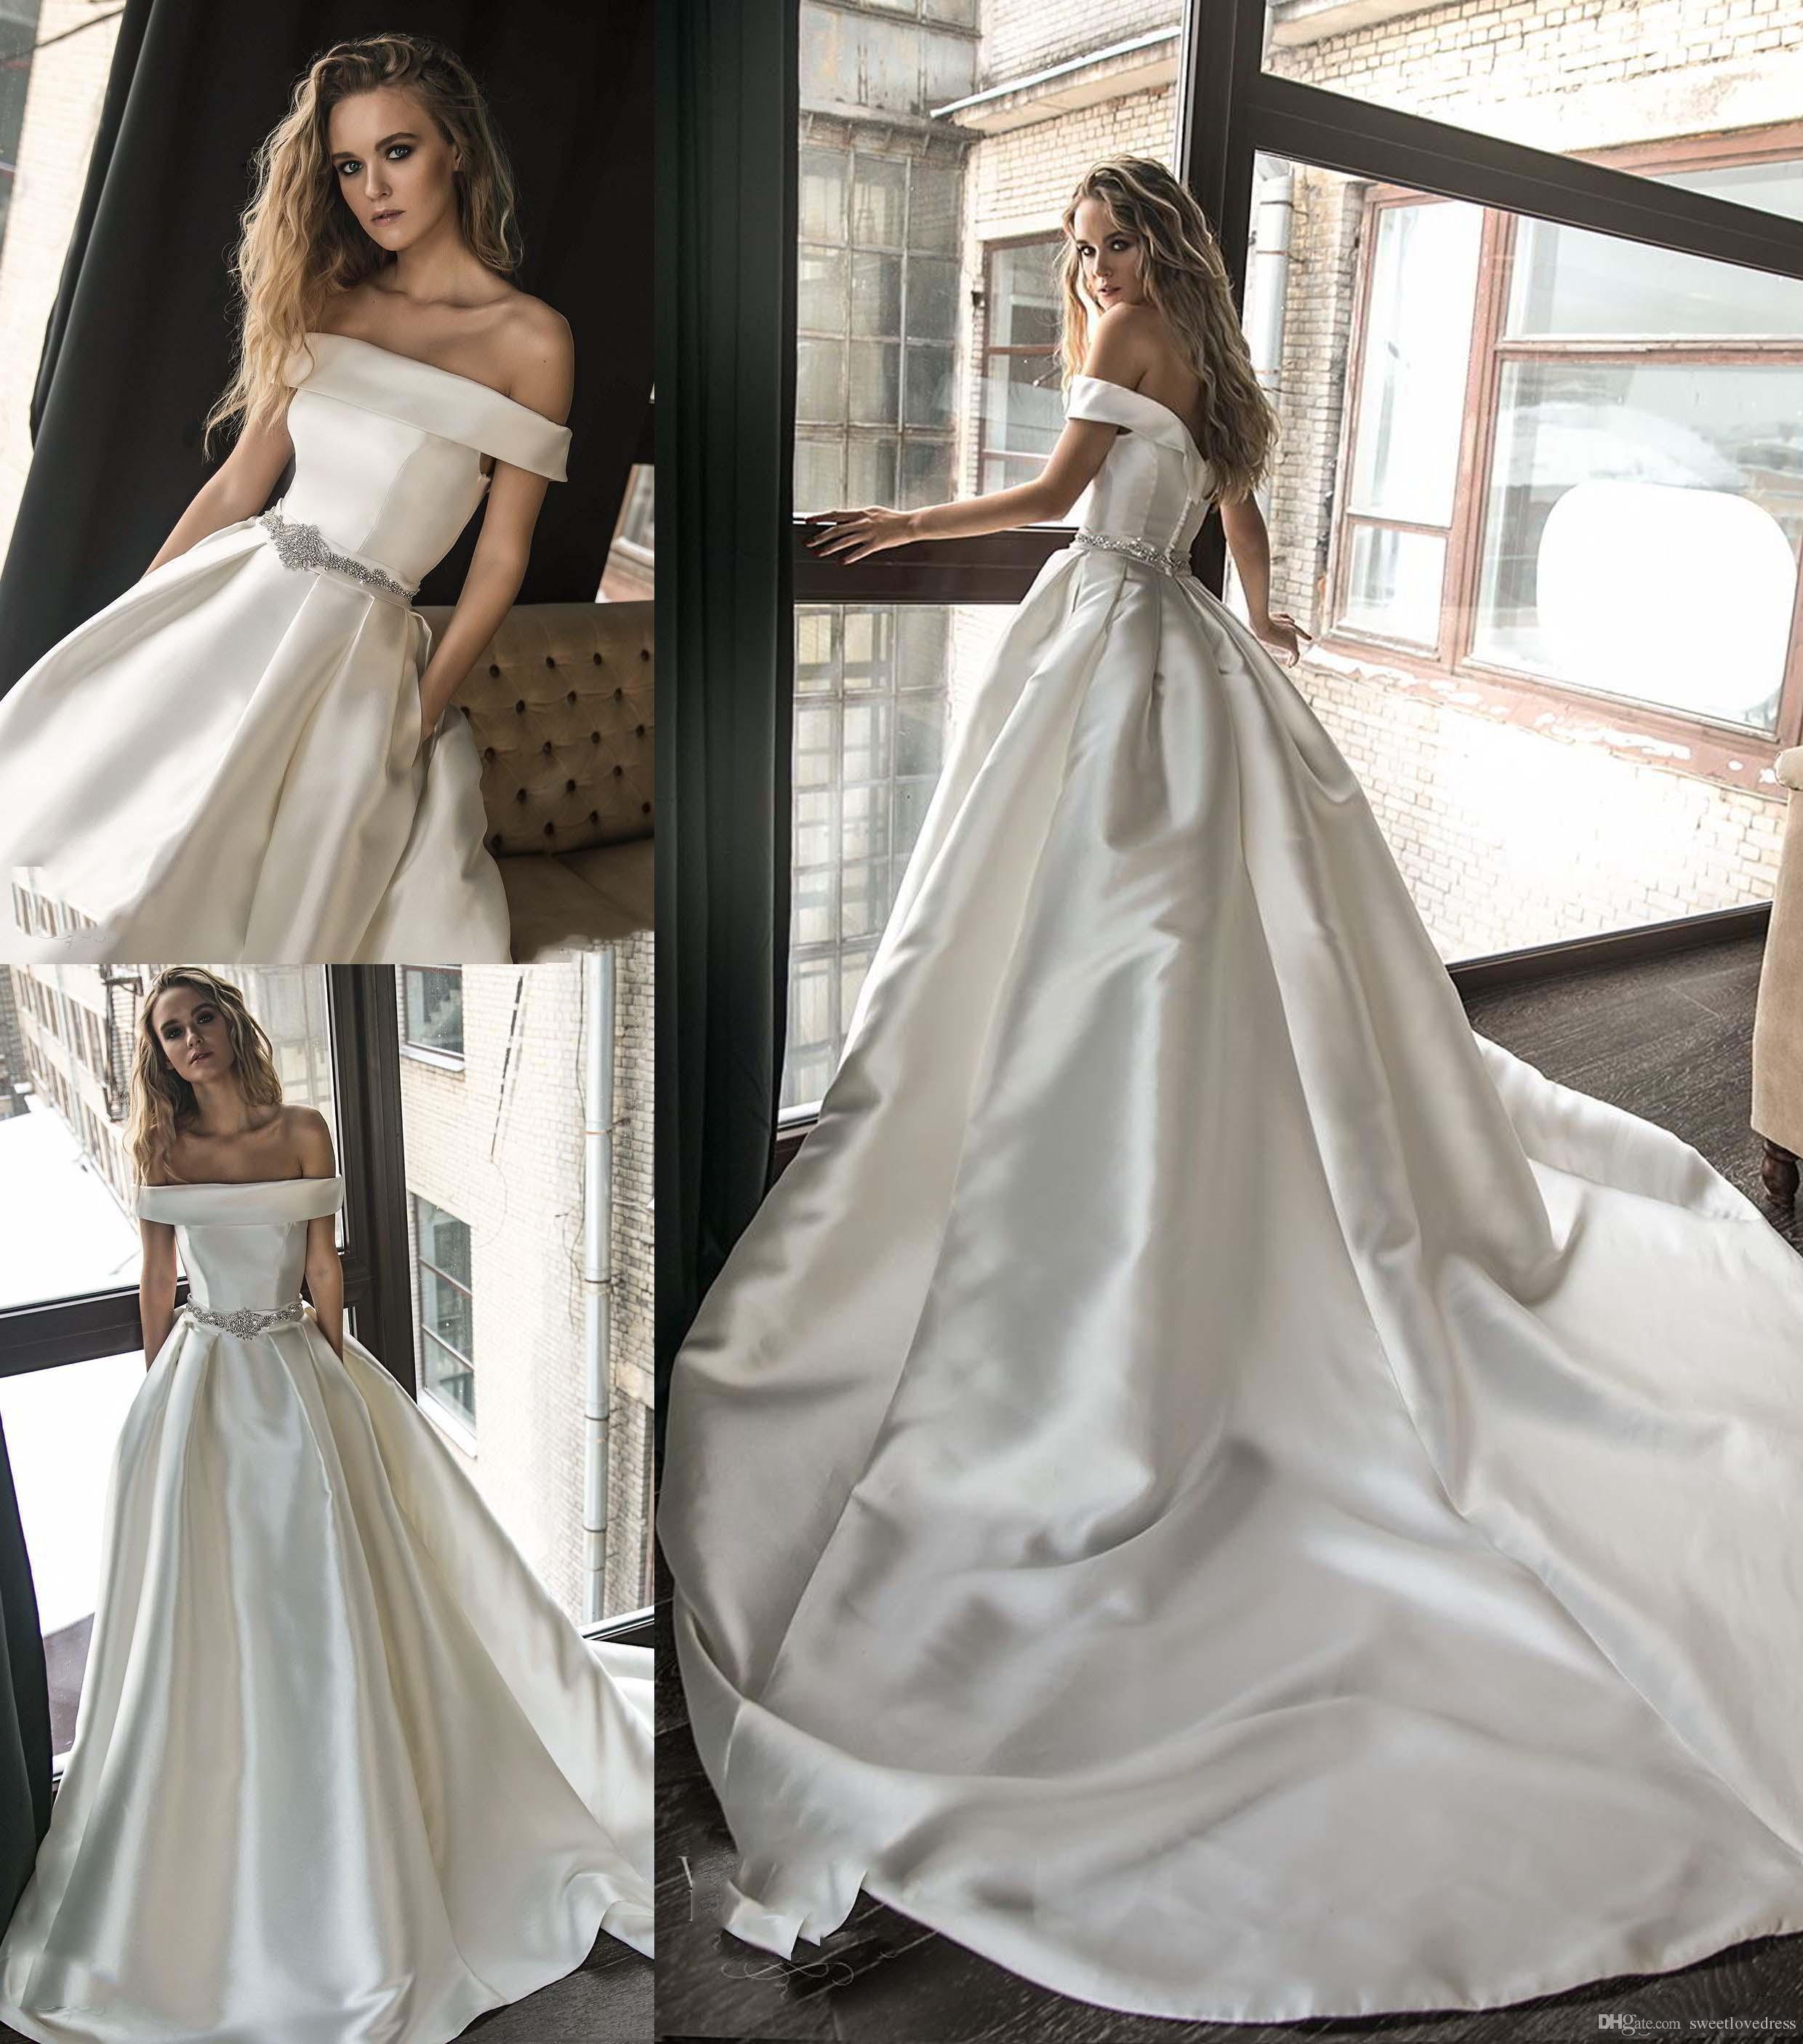 Taille Plus Une Ligne Robes De Mariée Avec Poche Ceinture Perlée Sur L'épaule Personnalisée Satin Robe De Novia robes De Mariage